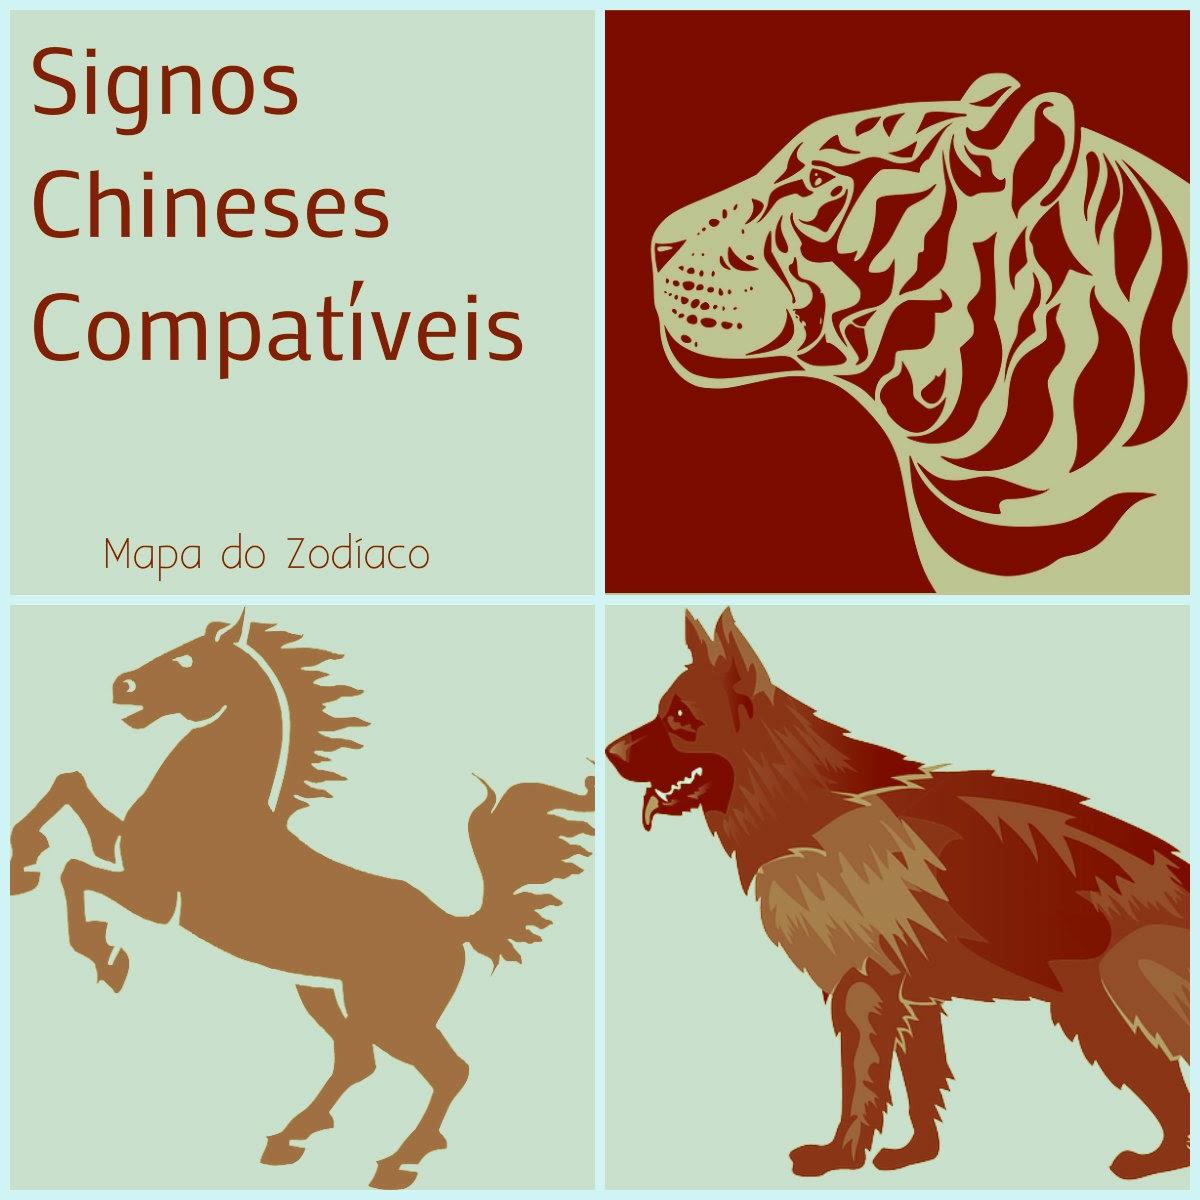 signos chineses mais compativeis